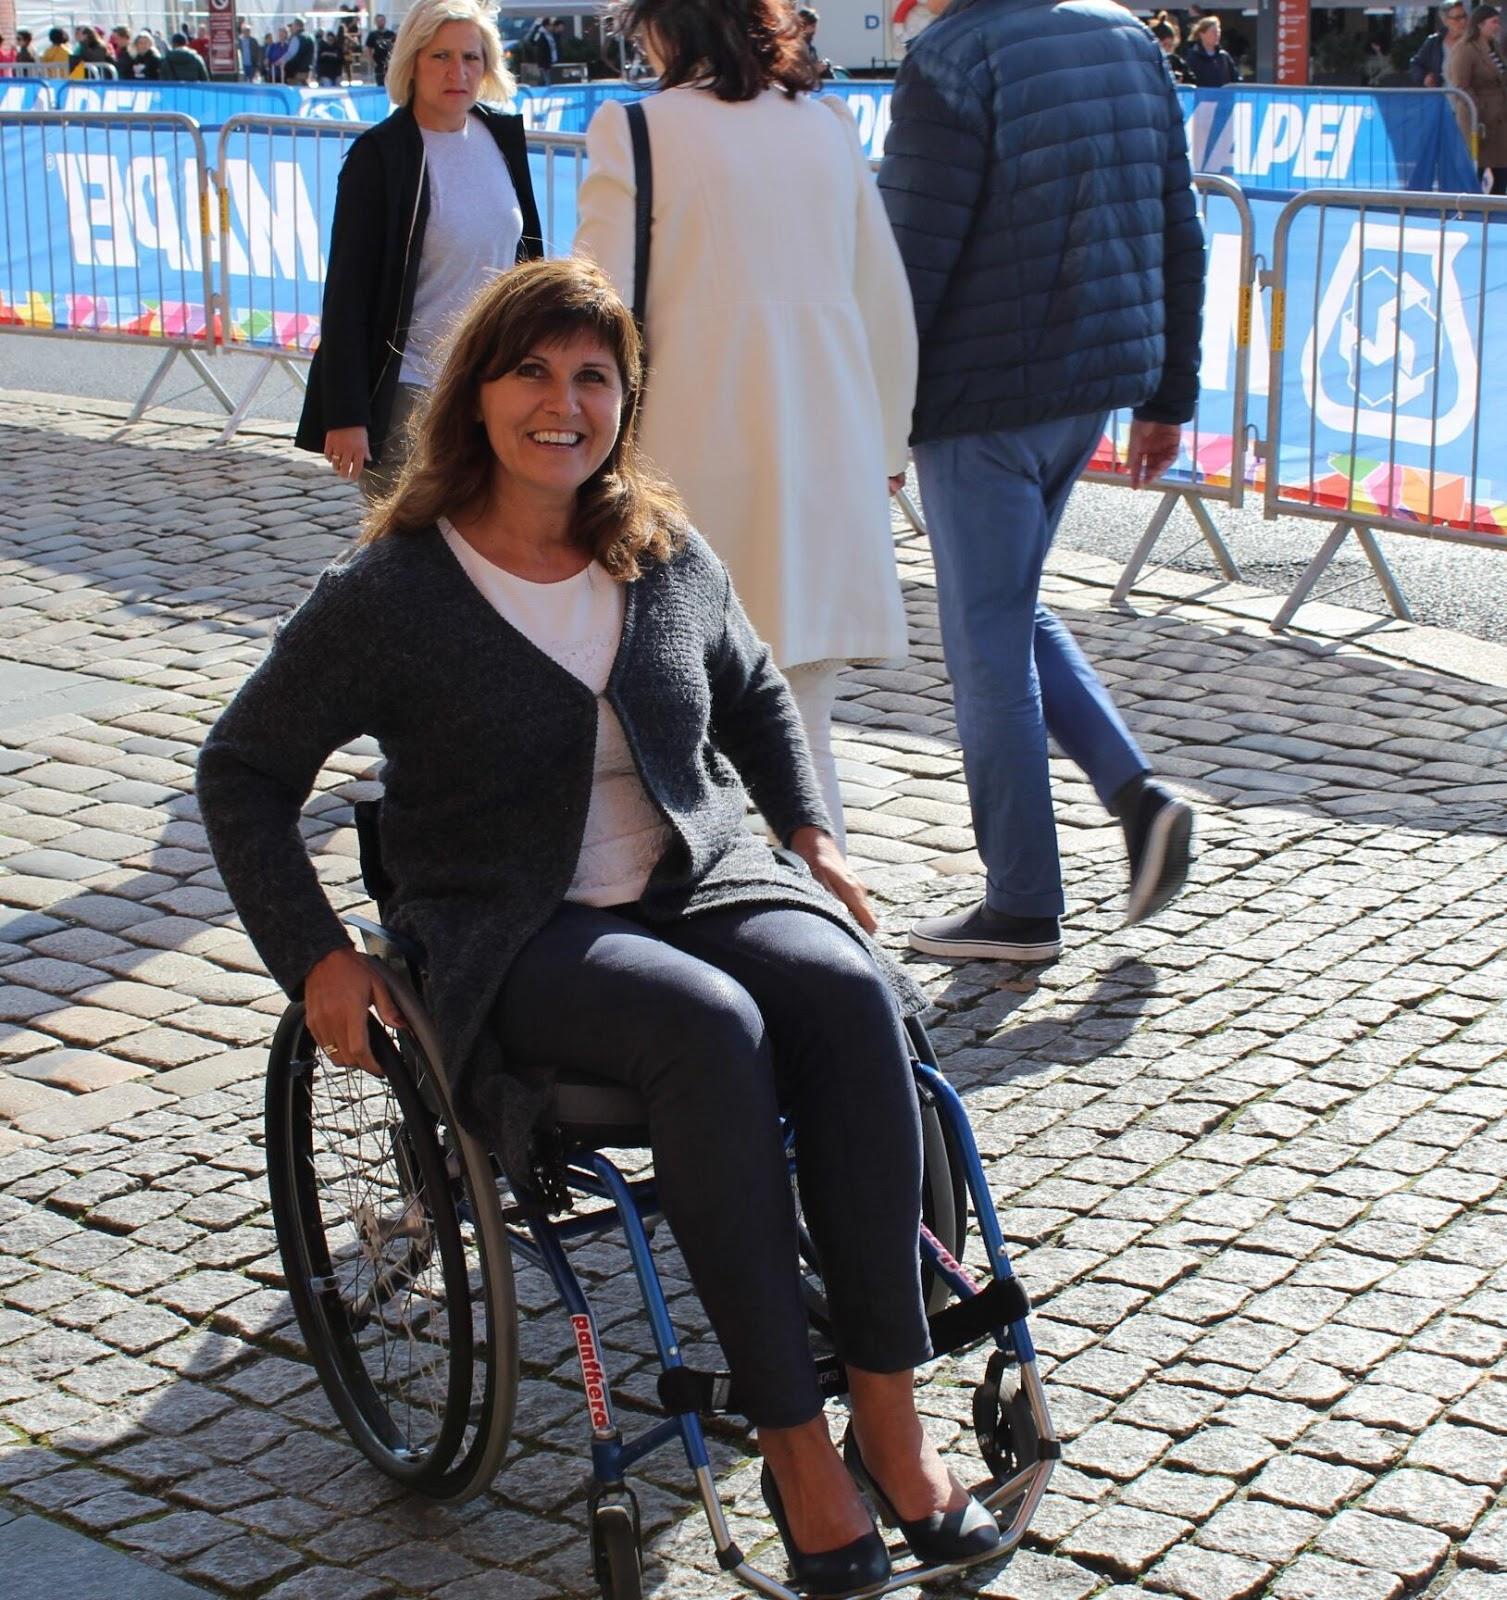 Bilde av Bergens varaordfører Marita Moltu sittende i en rullestol.